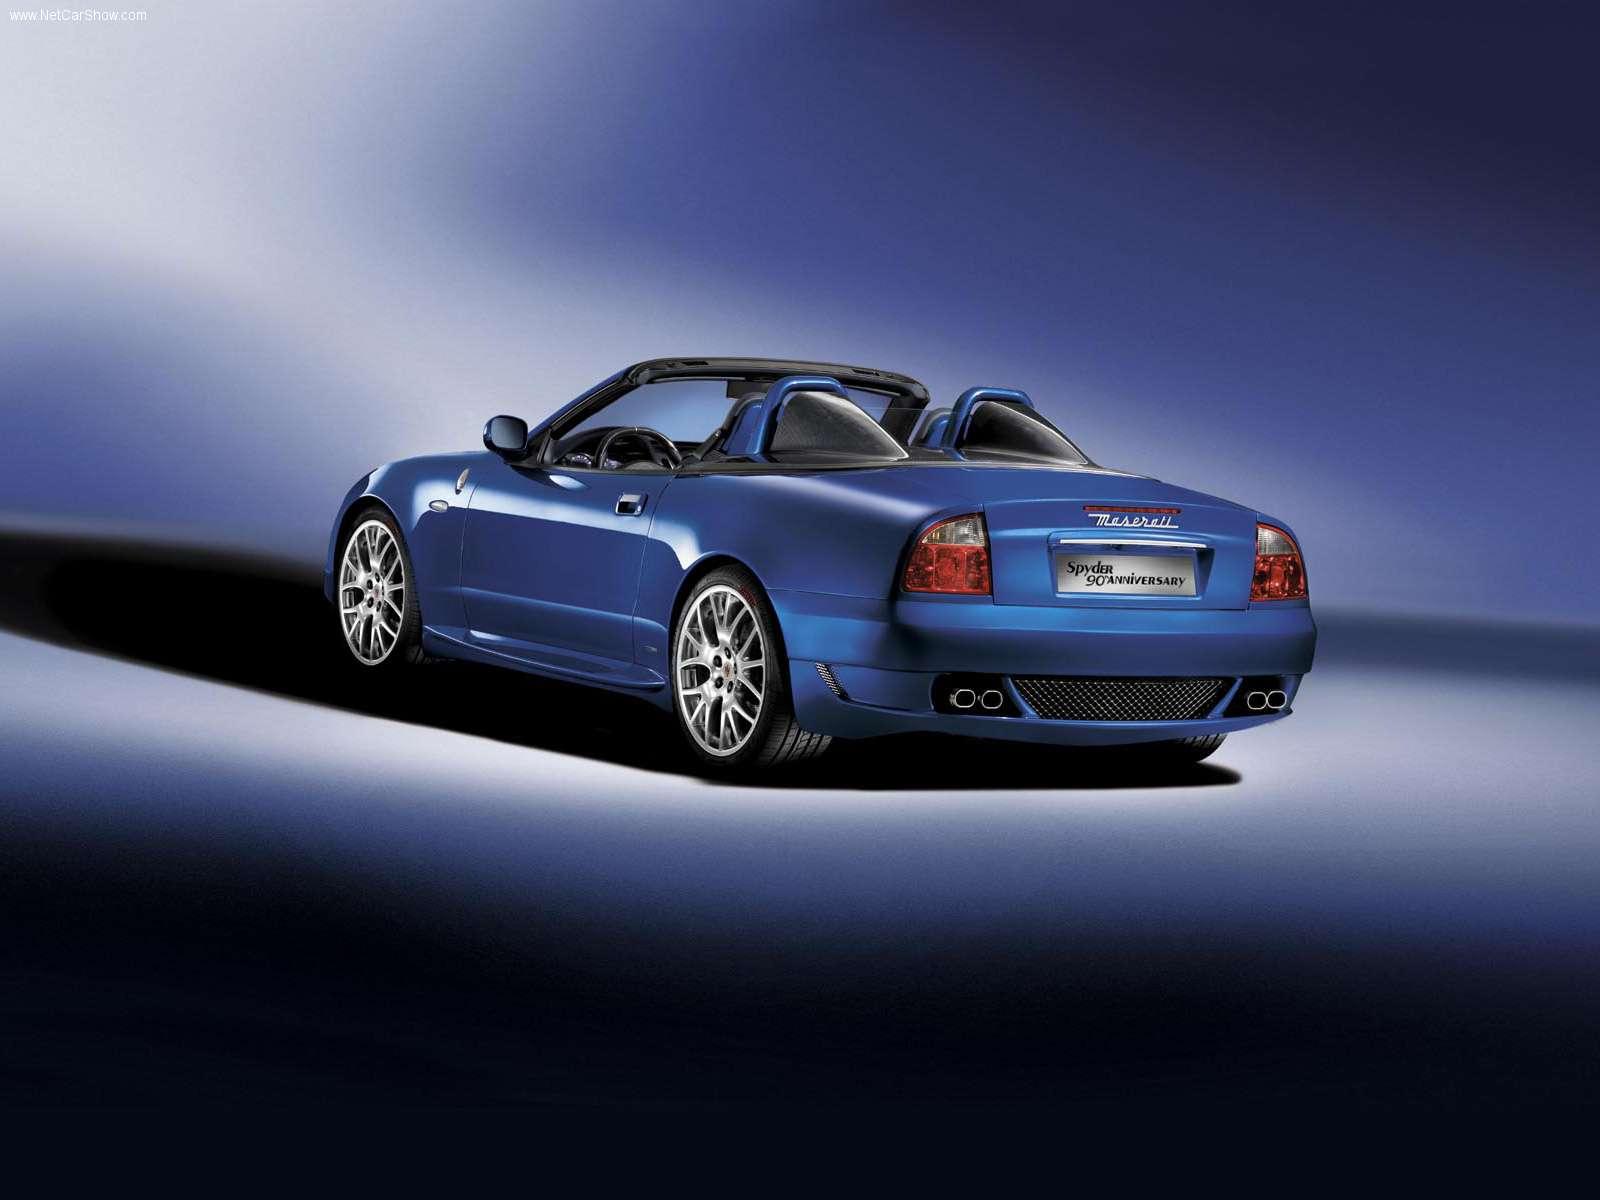 Hình ảnh siêu xe Maserati Spyder 90th Anniversary 2004 & nội ngoại thất